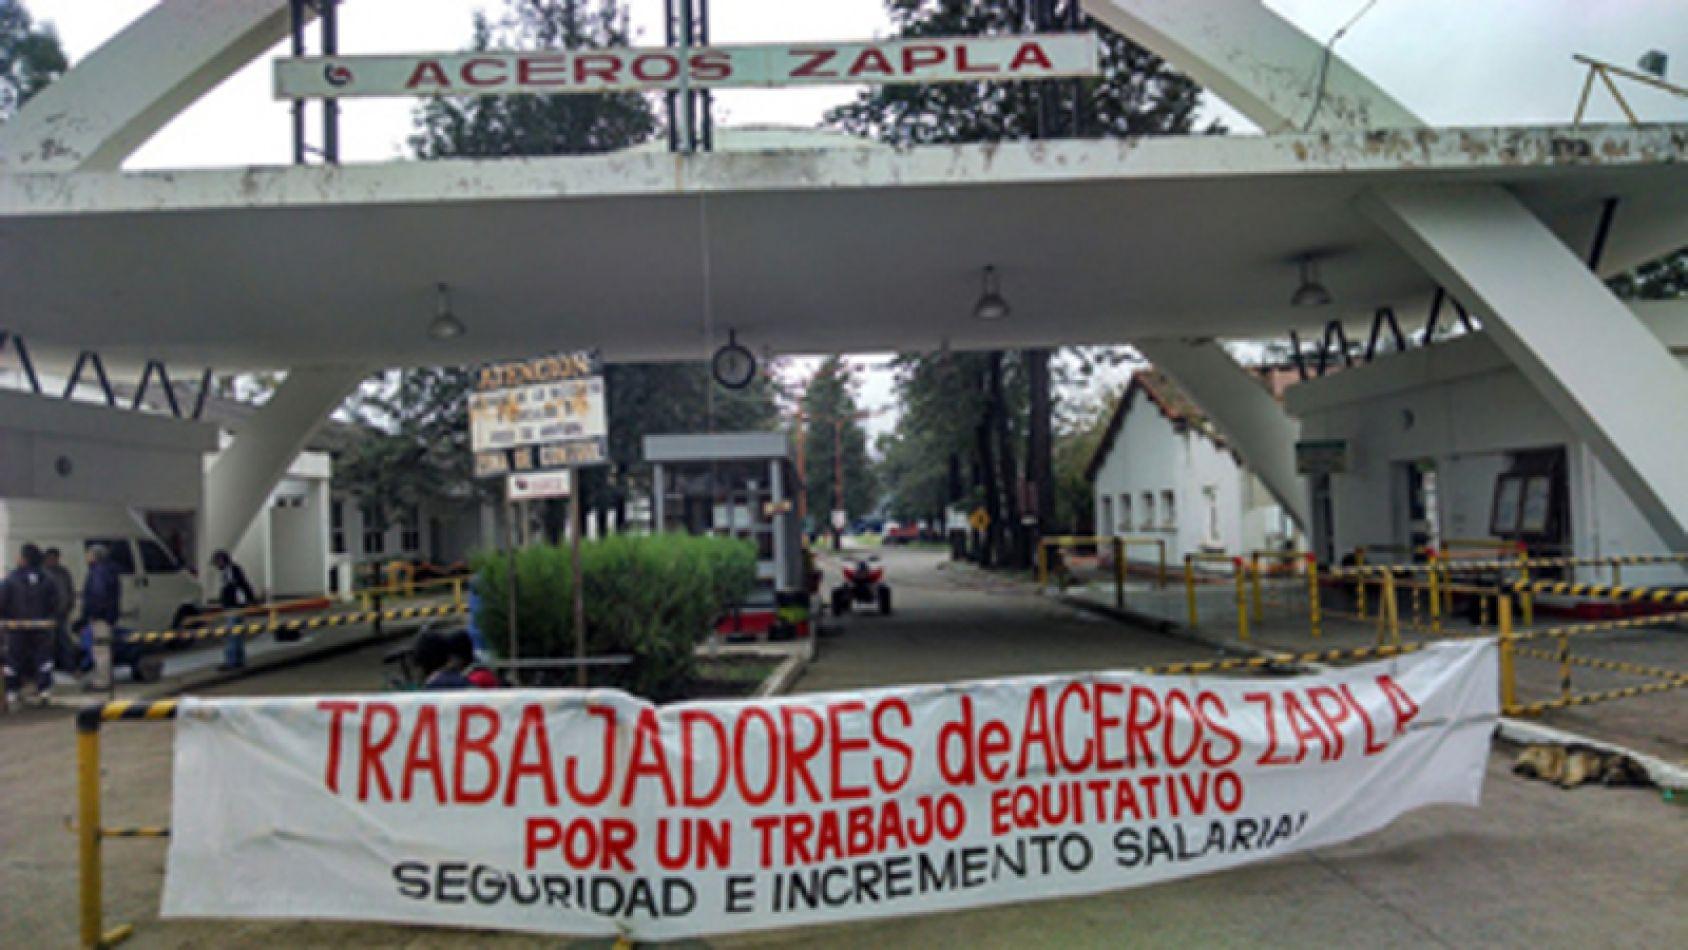 Despidos en Zapla: el Ministerio de Trabajo convocó a trabajadores y la empresa para mañana